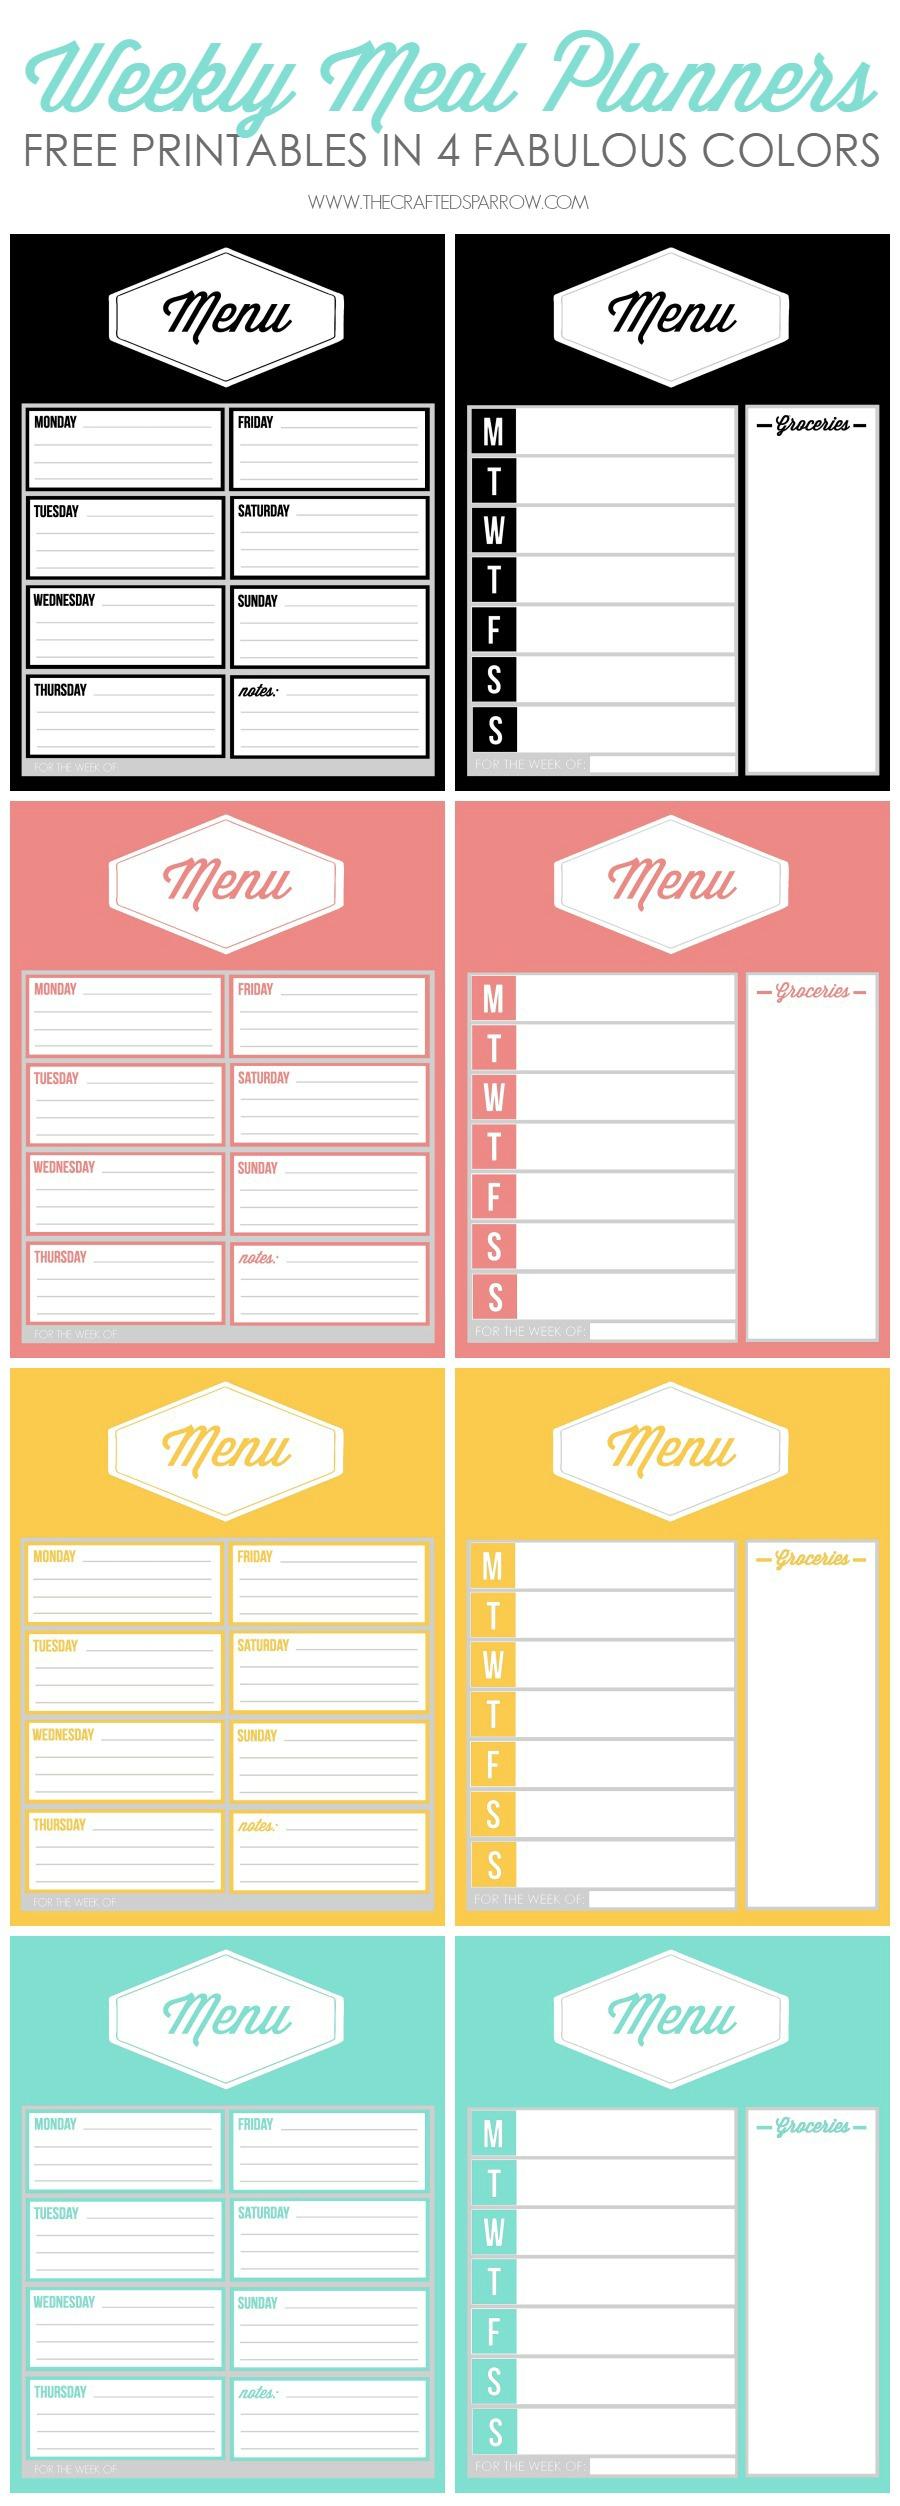 Free Printable Weekly Meal Planners - Weekly Menu Free Printable